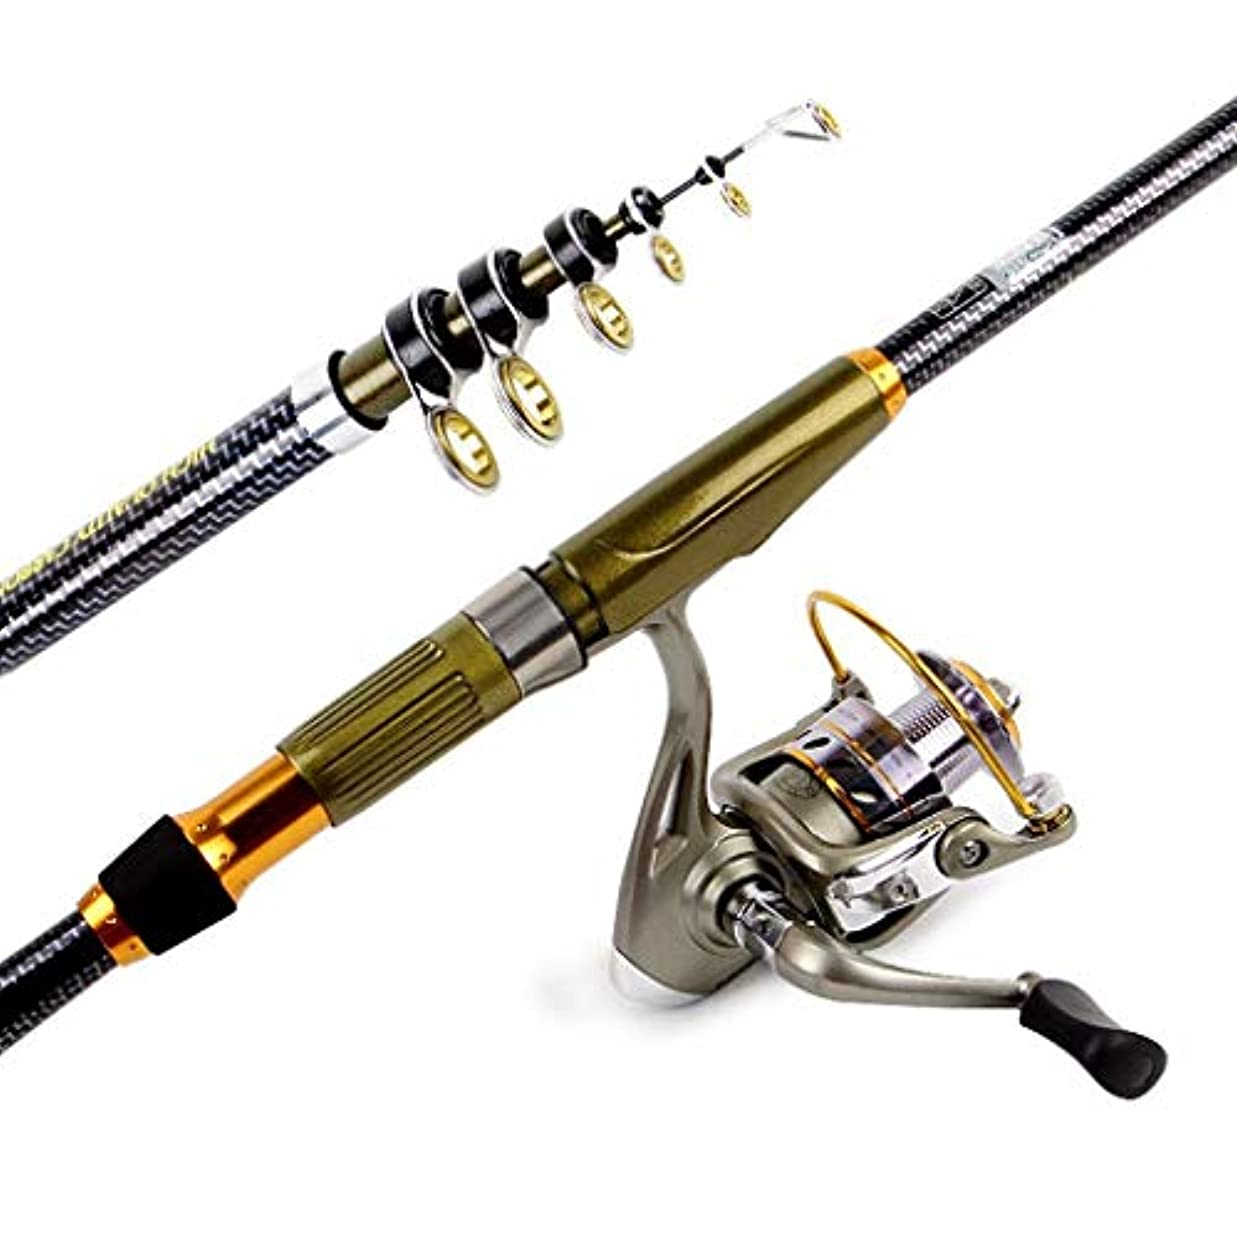 無心無駄聴くテレスコピック釣り竿スピニングリール付き釣り竿コンボ旅行塩水淡水釣り用キャリアバッグ